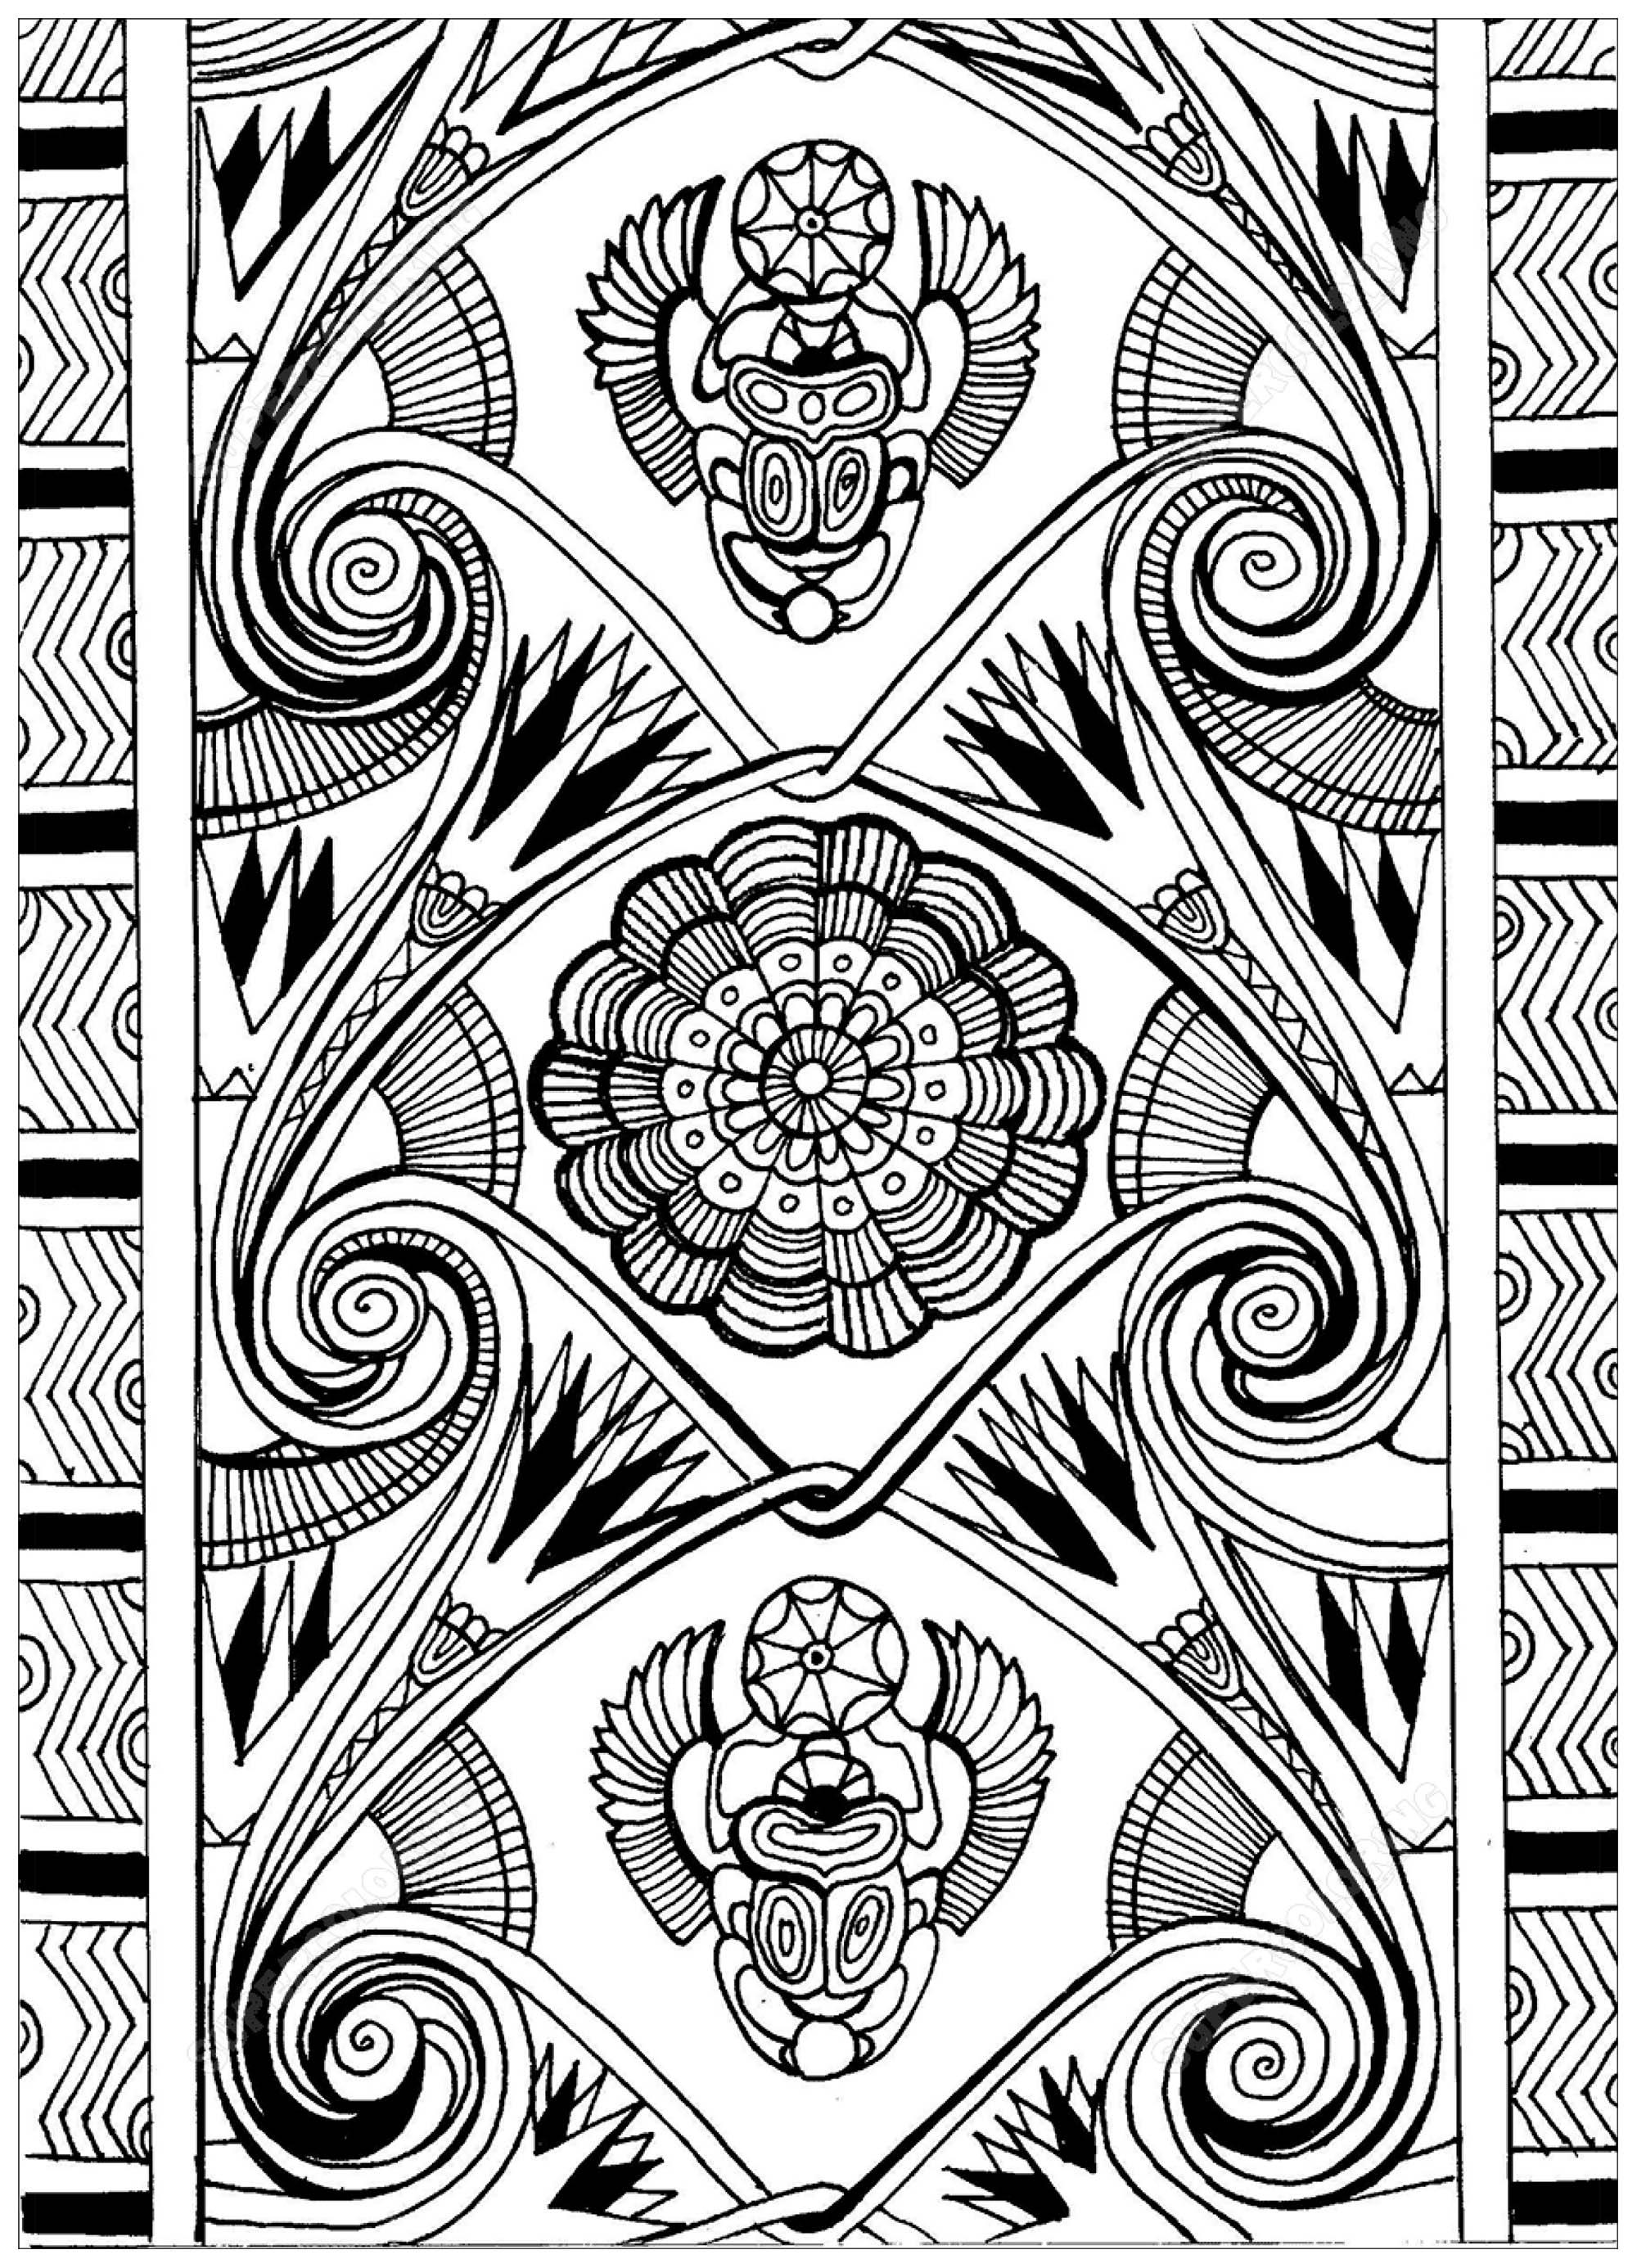 Disegni da colorare per adulti : Egitto & Geroglifici - 8